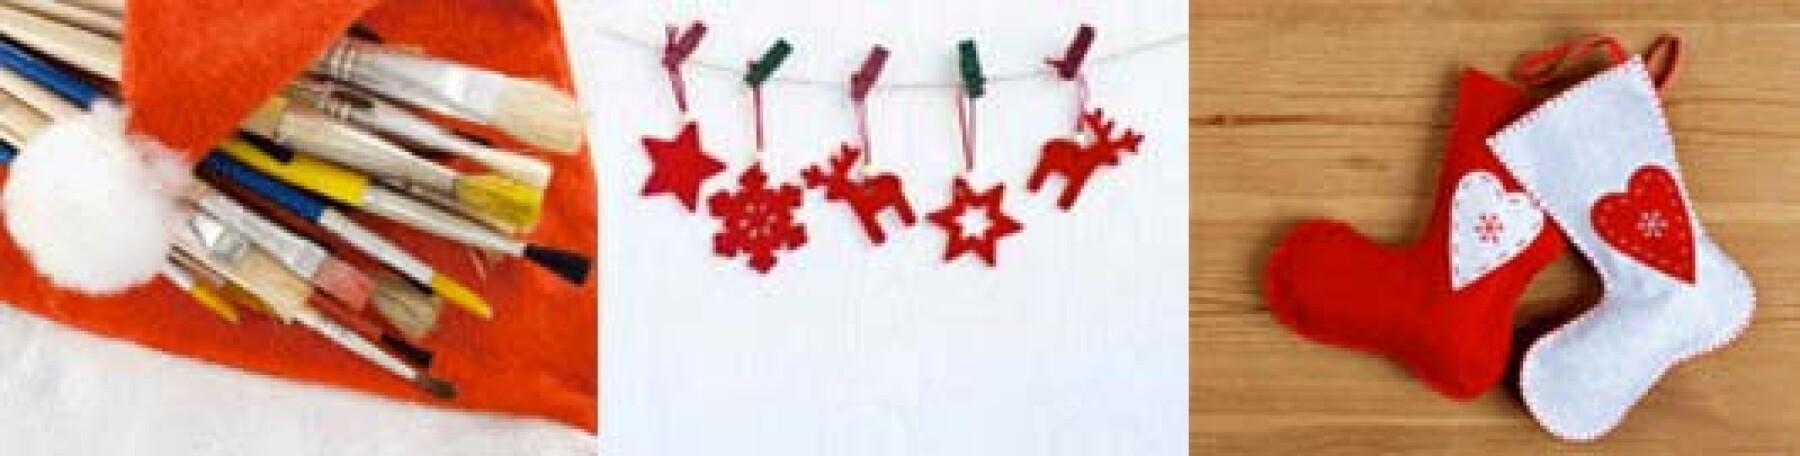 bricolages de fêtes